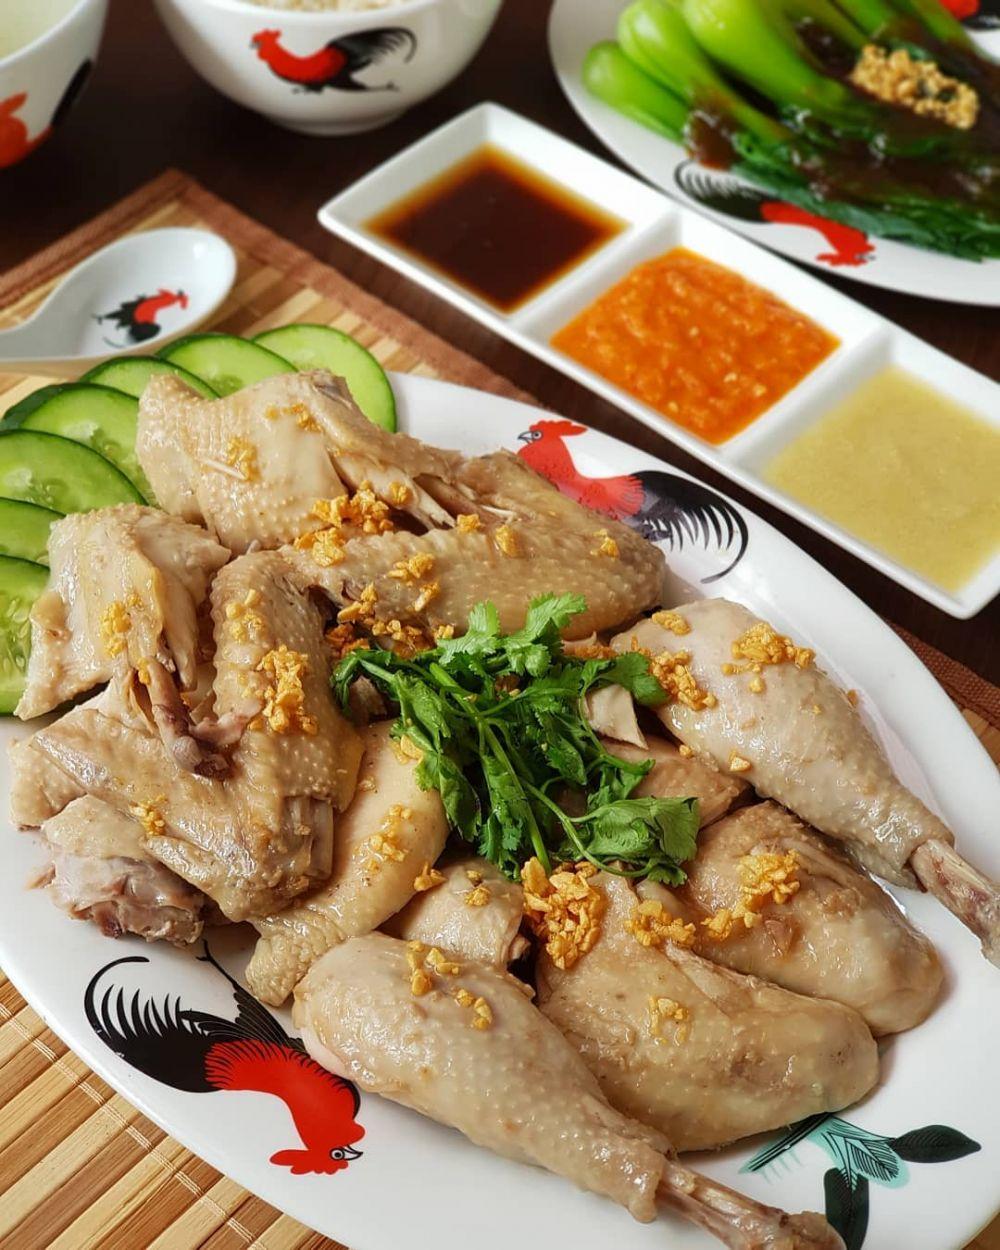 resep makanan oriental berbagai sumber